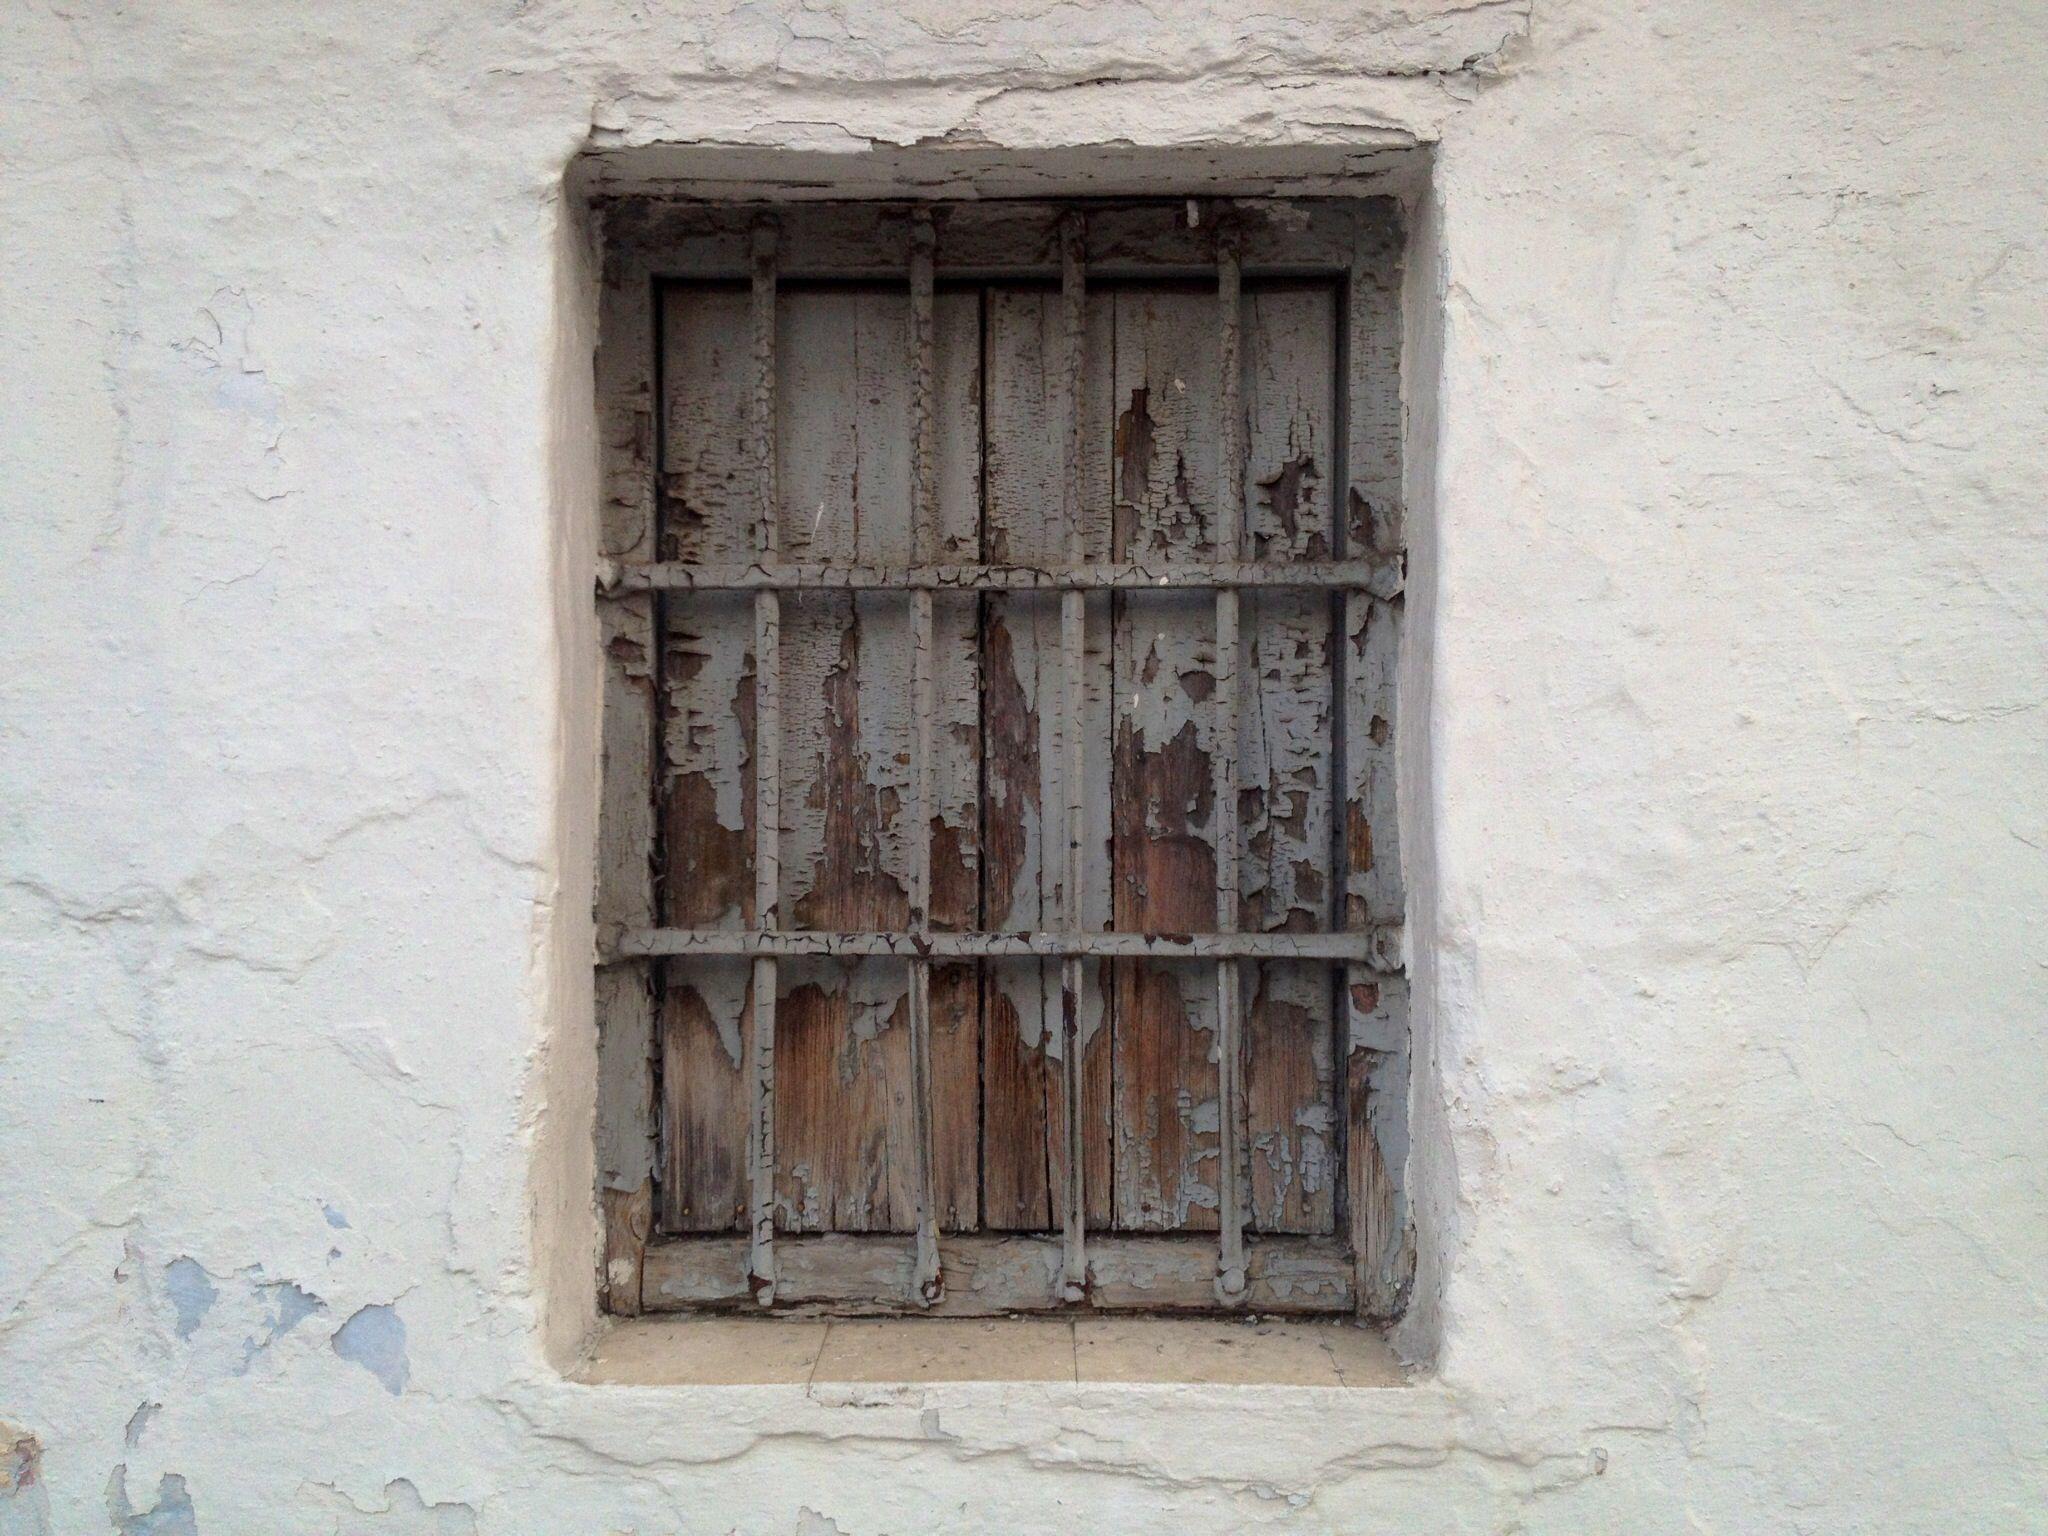 Window in Spain